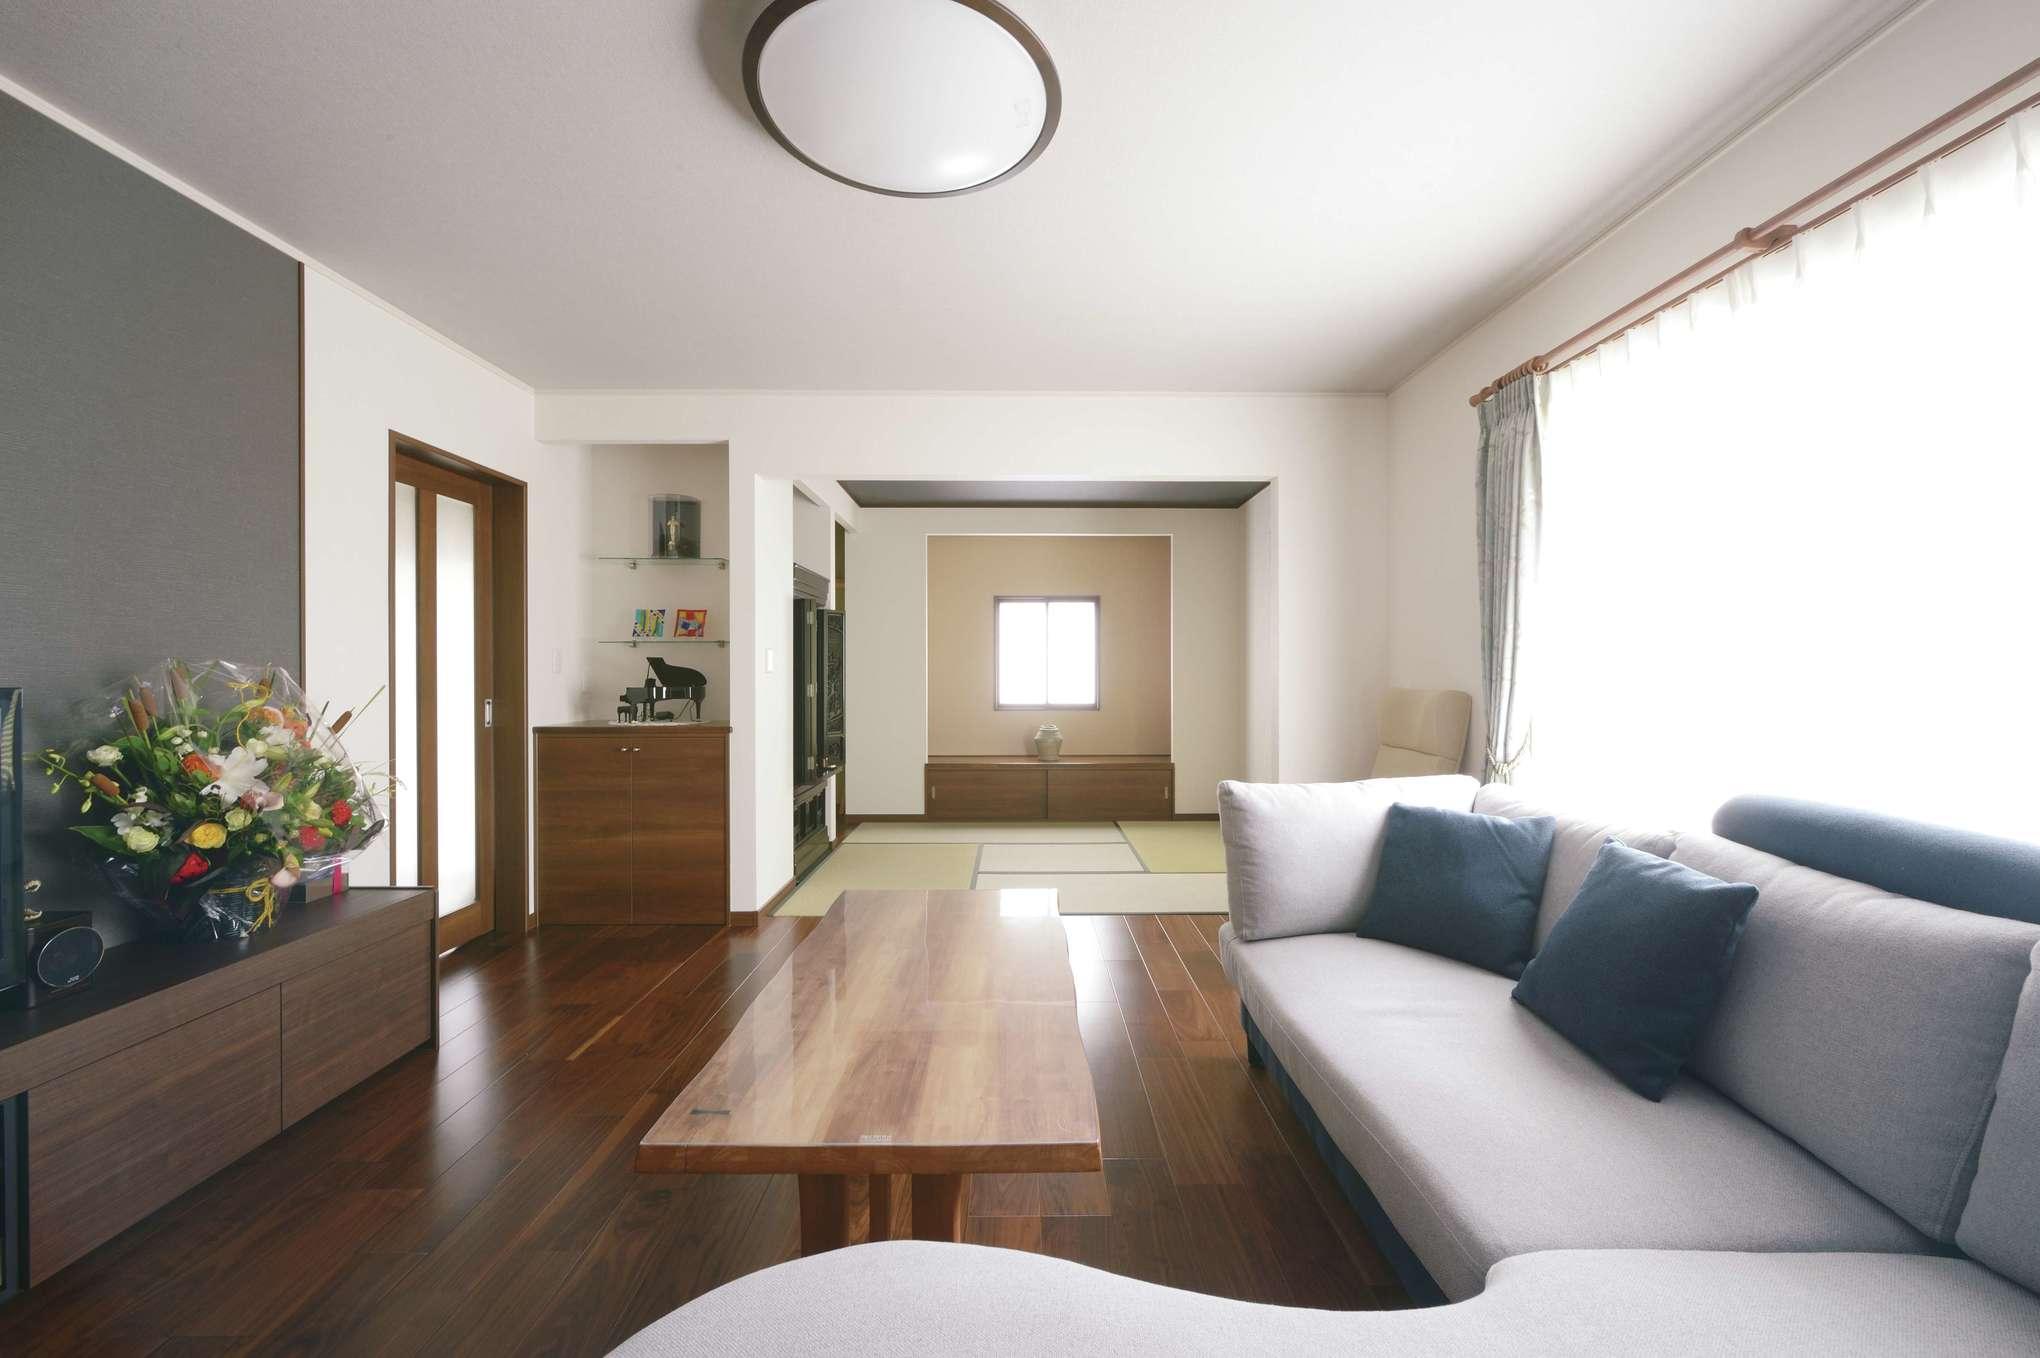 朝日住宅【デザイン住宅、夫婦で暮らす、平屋】本家として仏壇を祀る和室はSさんにとって大切な場所。そこで、リビングとつなげる形で設計しながらも、真四角の開口をつけて特別感を演出している